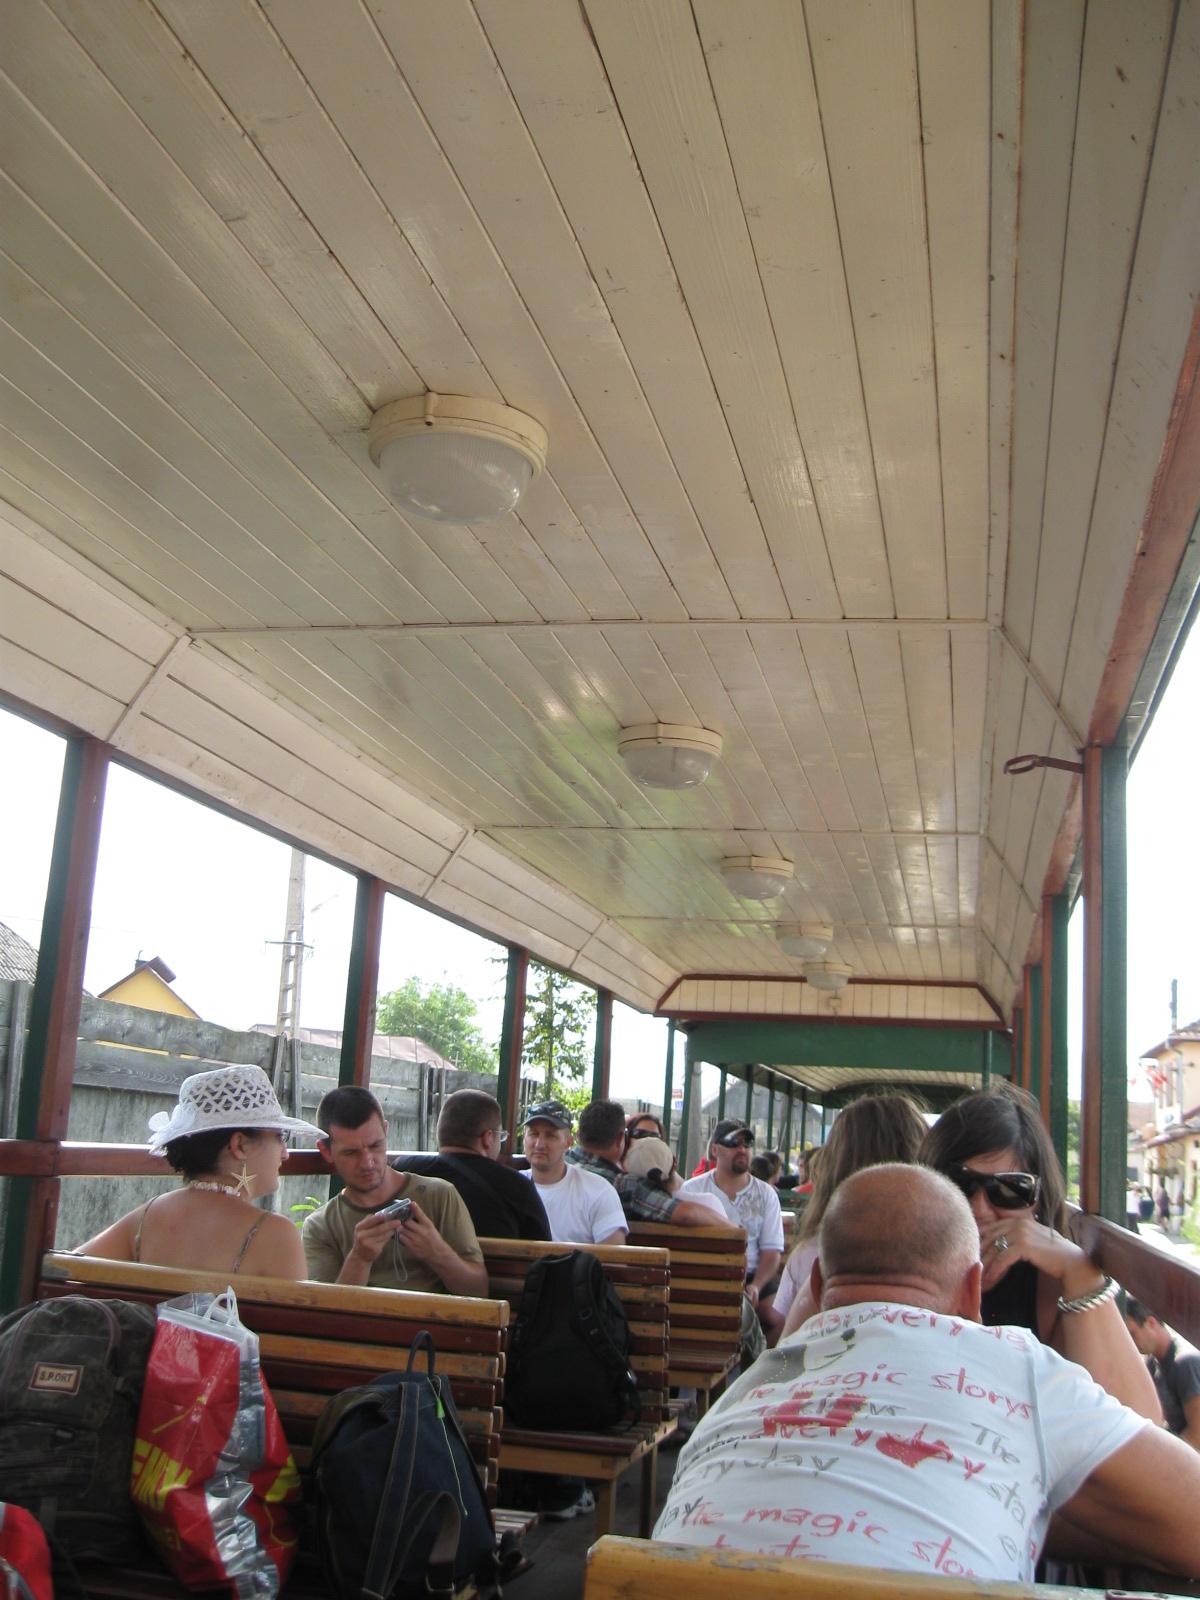 http://1.bp.blogspot.com/_s0KvrMgP5bs/TGmWsLgVnQI/AAAAAAAAAjQ/315okS2AILU/s1600/scenes+from+a+train+001.JPG